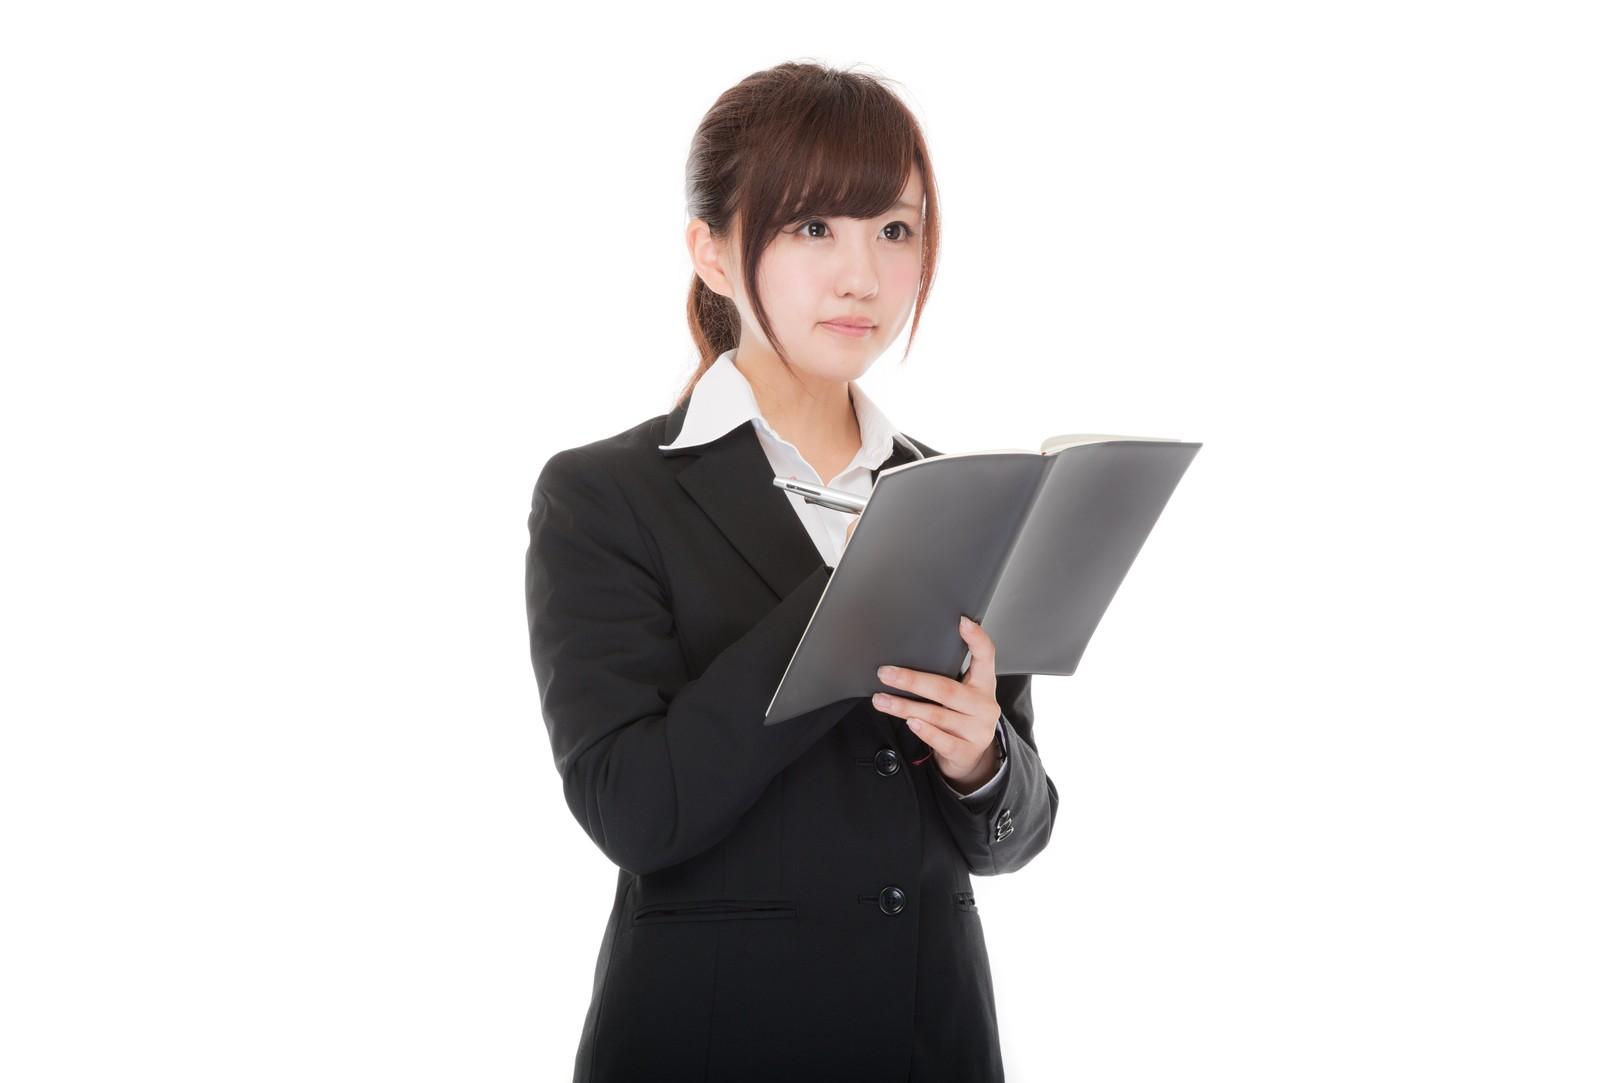 第二新卒の転職では派遣社員や契約社員ではなく正社員にこだわって転職活動をしよう